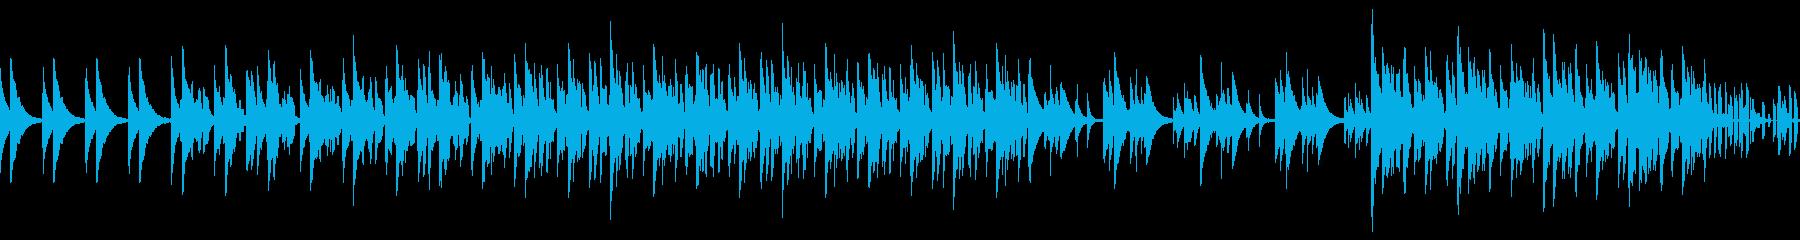 ロングバージョン スウィング、ノービートの再生済みの波形